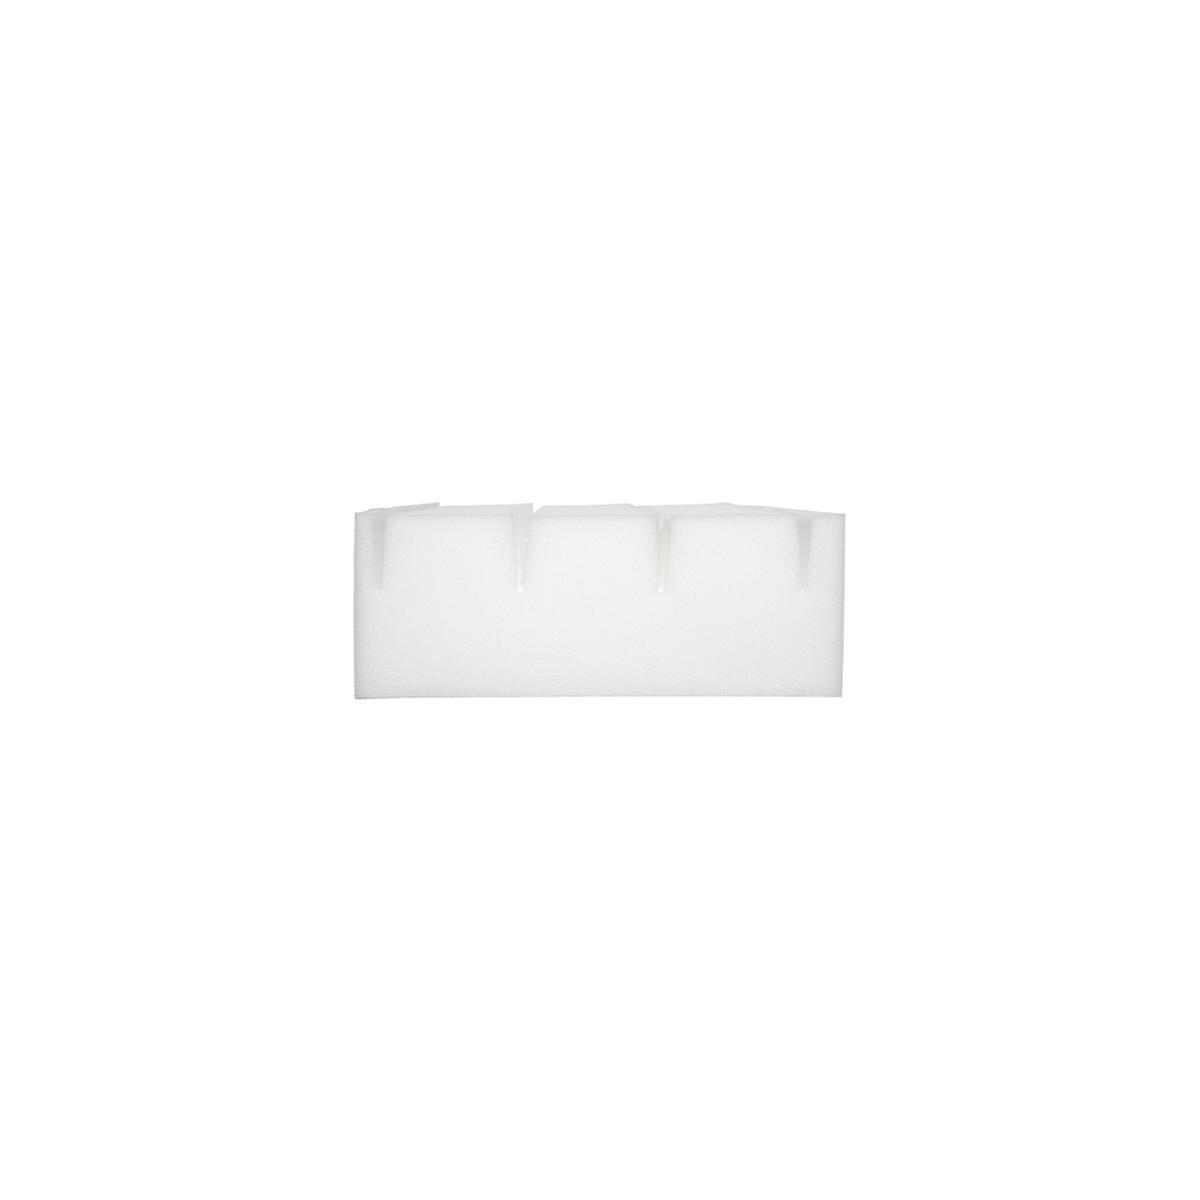 Colchón de espuma con funda blanca fina 190x90cm Flexa